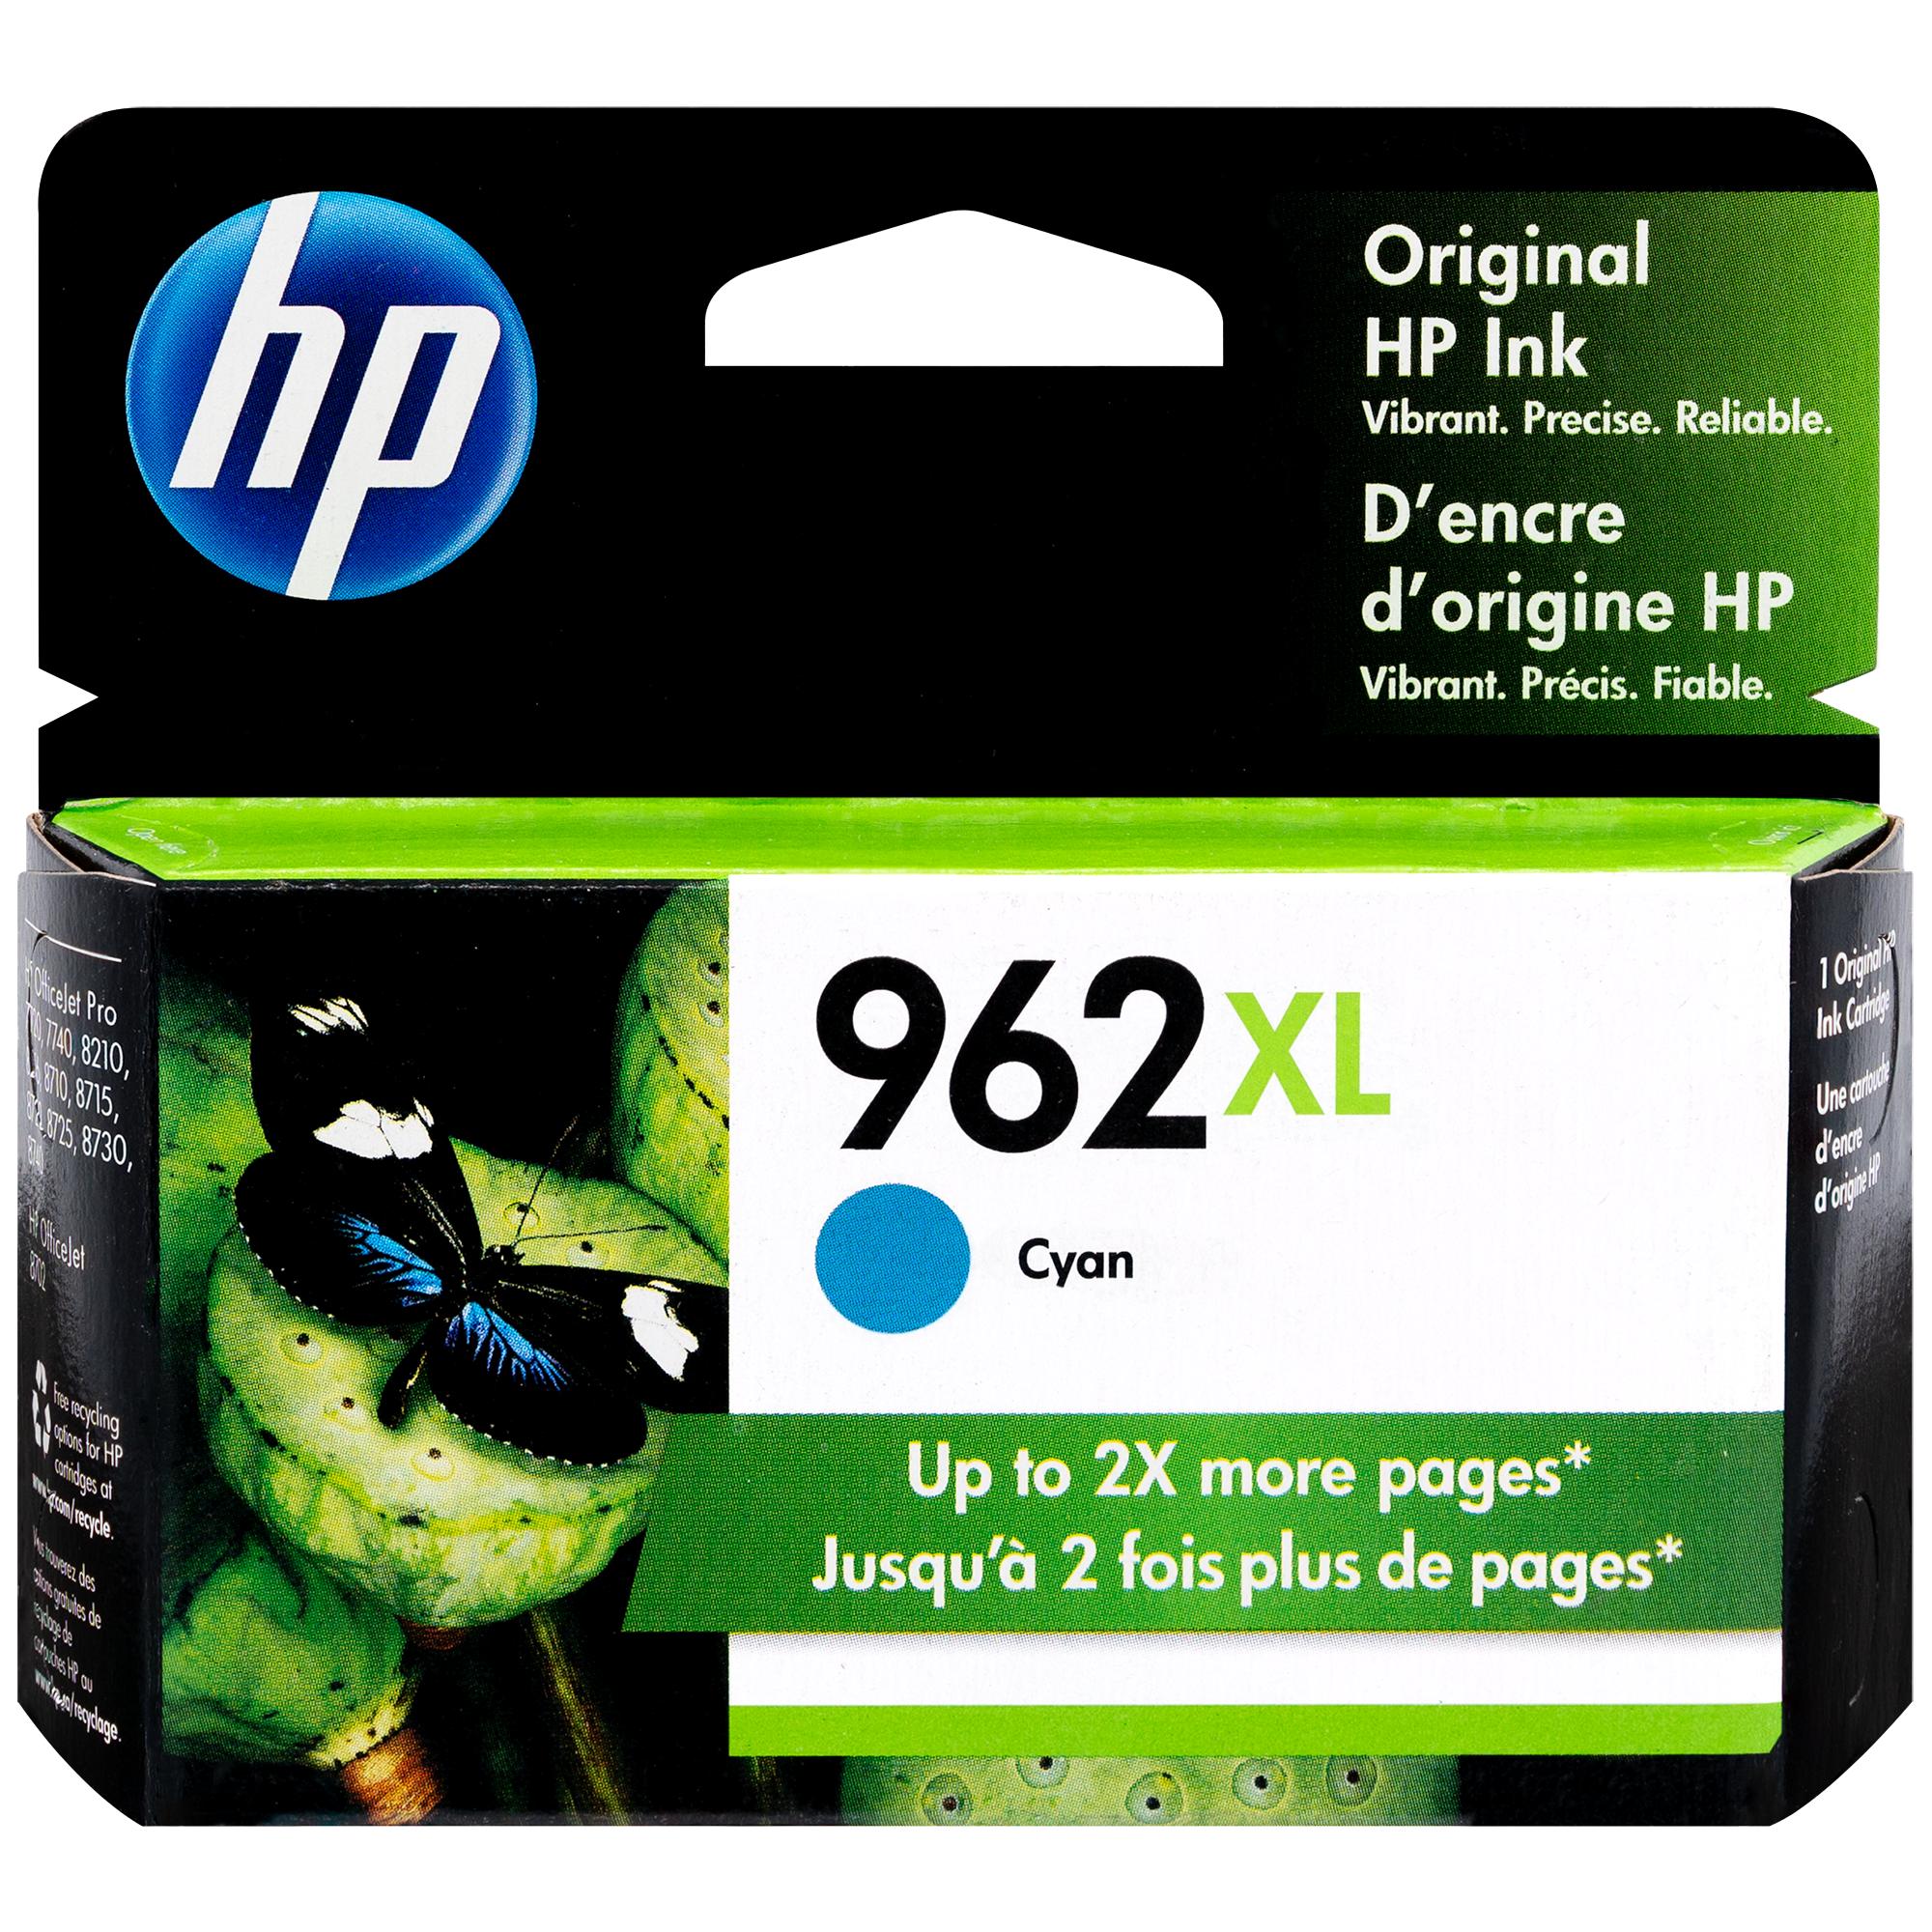 3JA00AN | HP 962XL | Original HP Ink Cartridge - Cyan